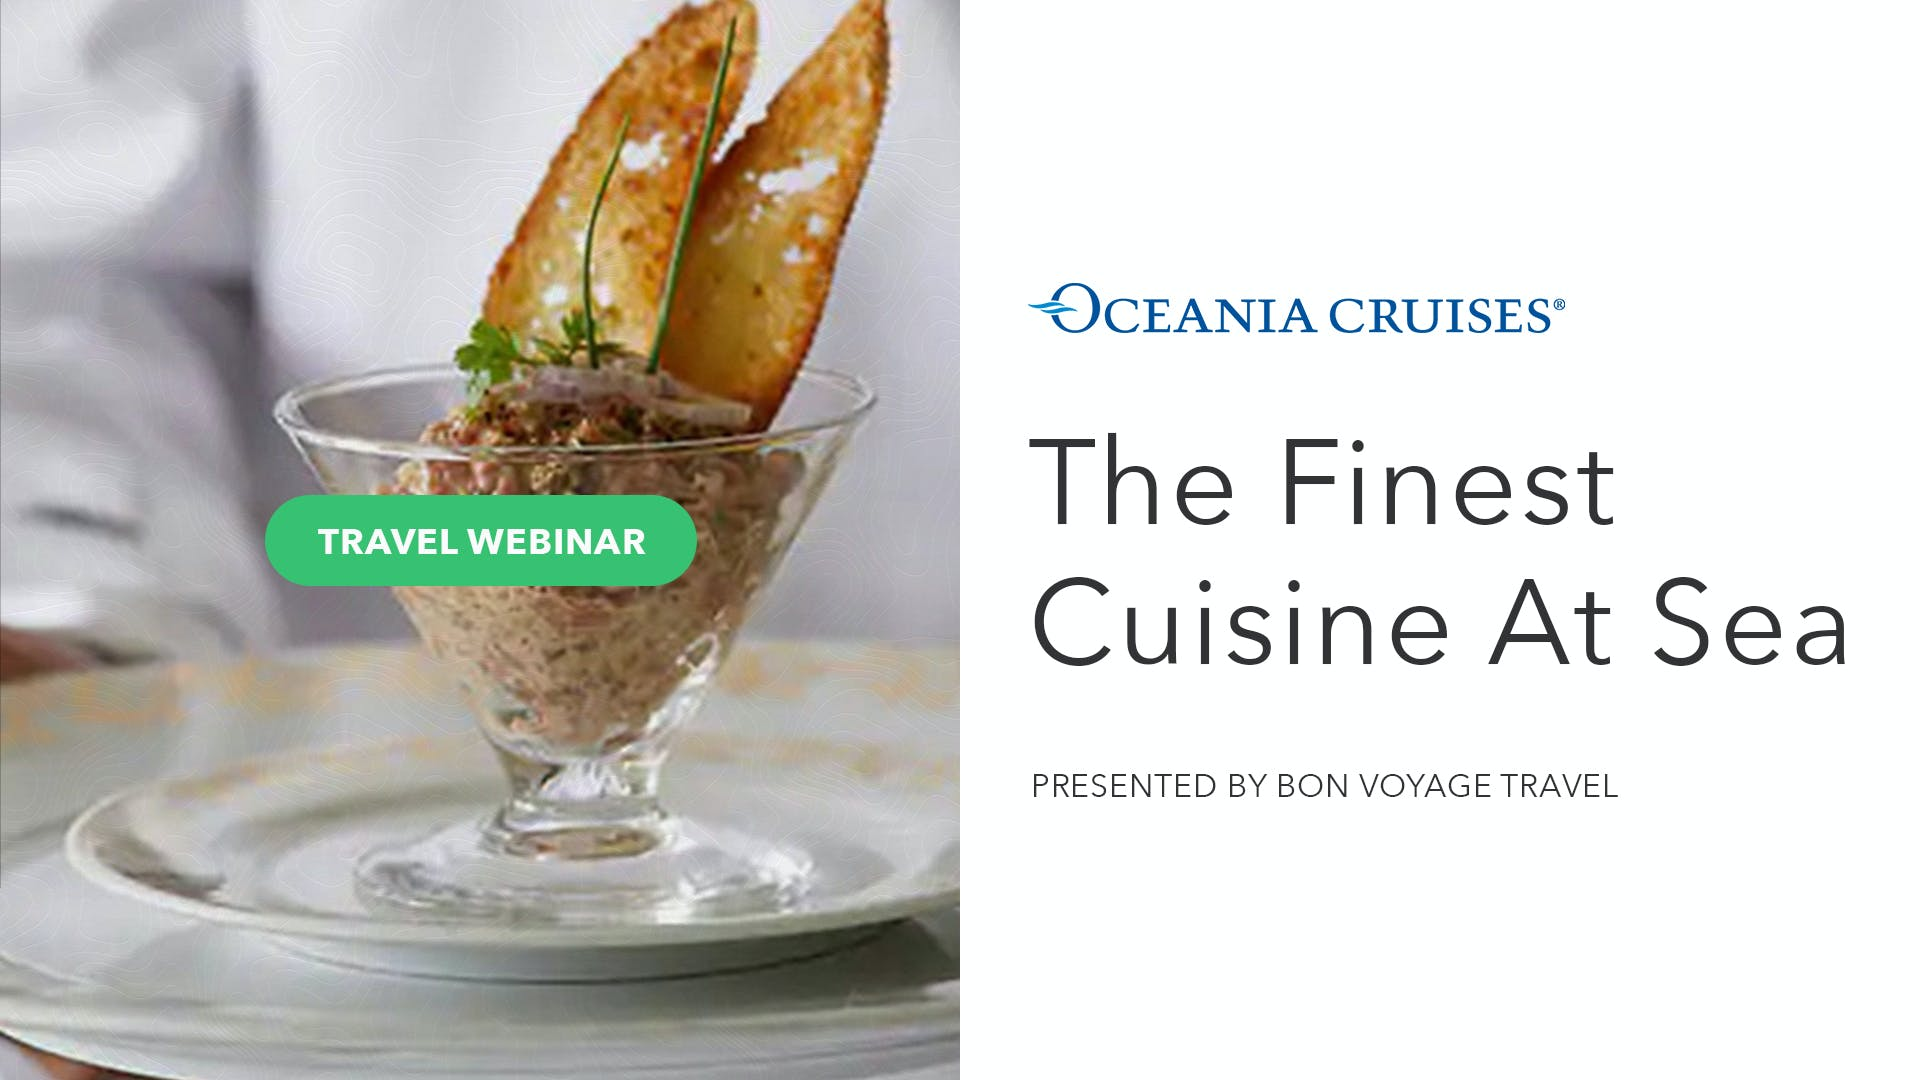 Oceania Cruises Finest Cuisine at Sea